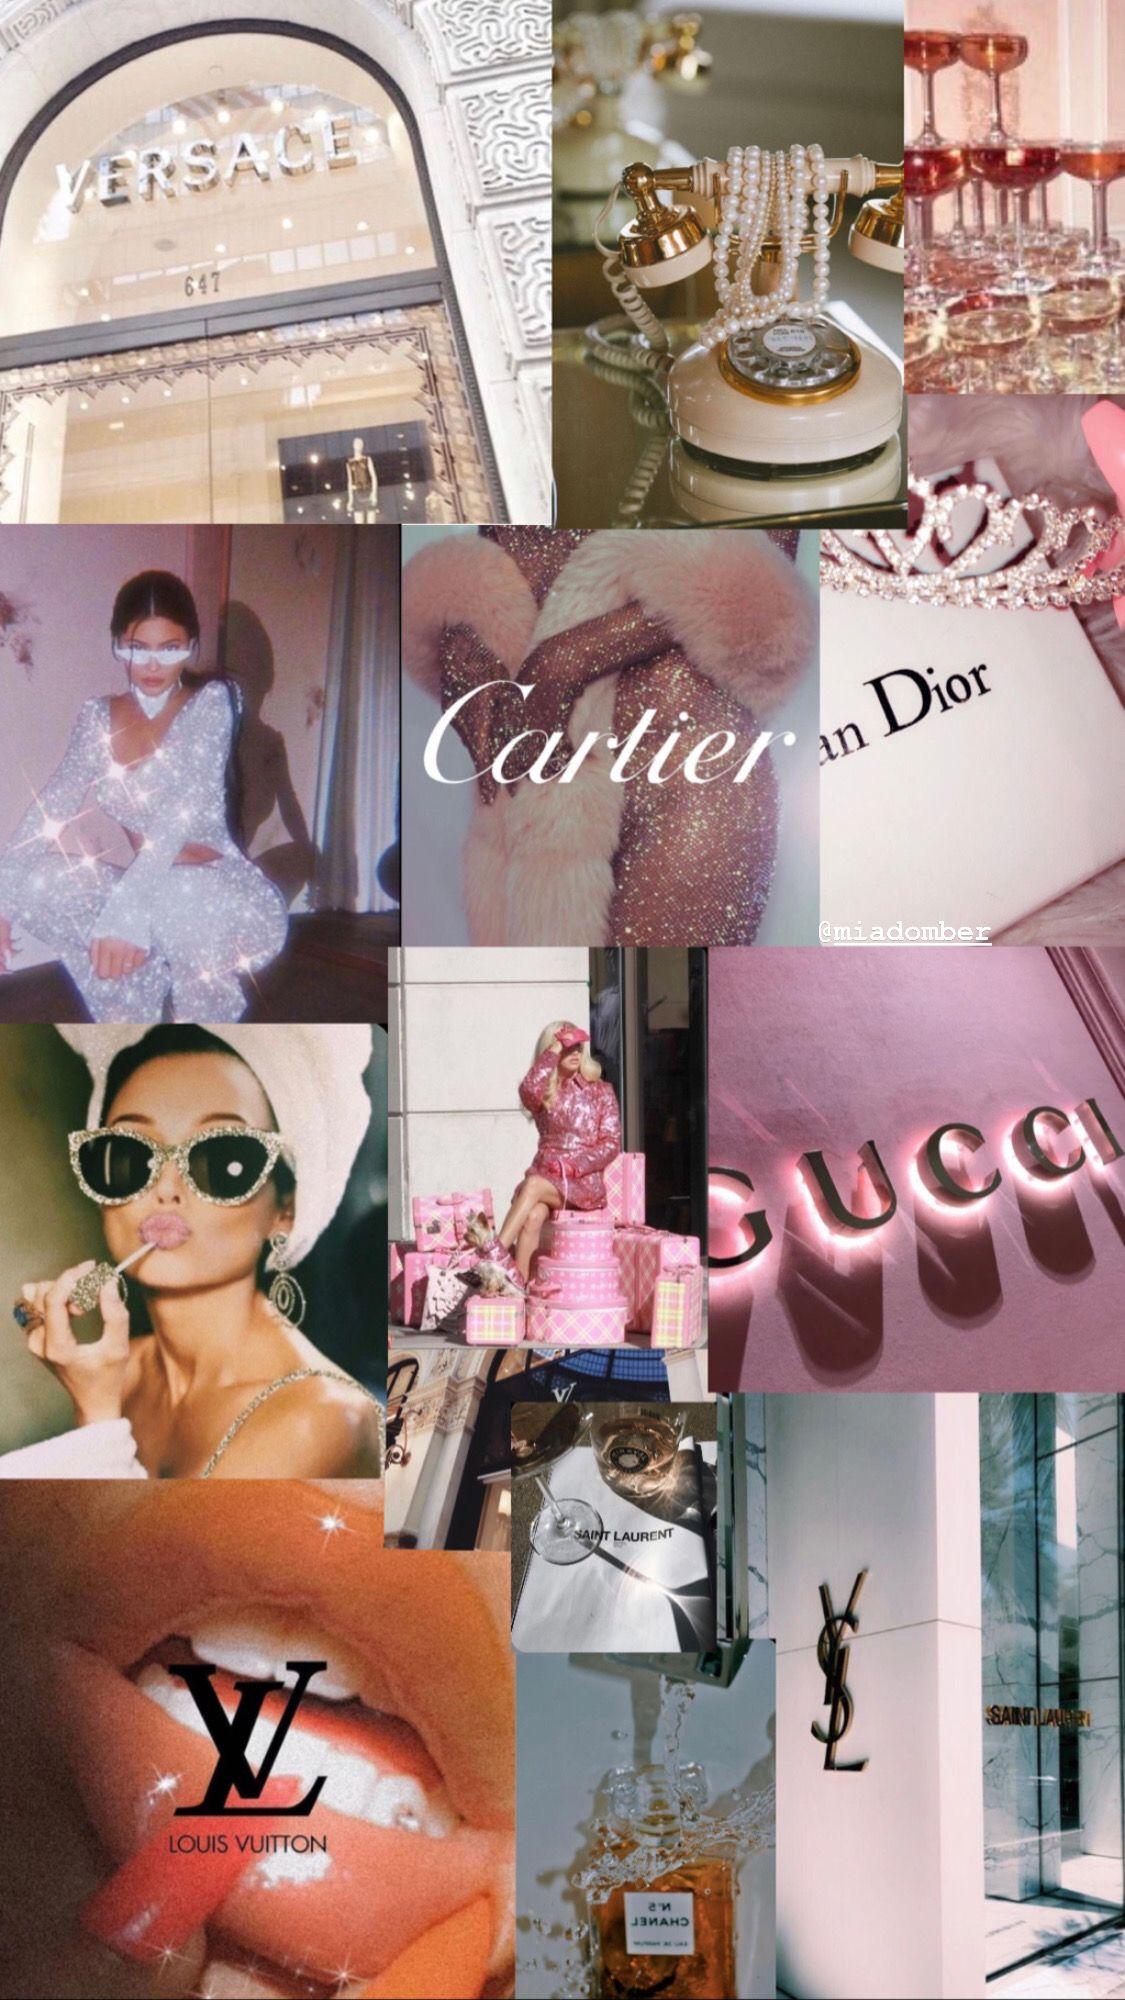 Wallpaper Gucci Vogue Dior Iphone Wallpaper Tumblr Aesthetic Aesthetic Desktop Wallpaper Aesthetic Iphone Wallpaper